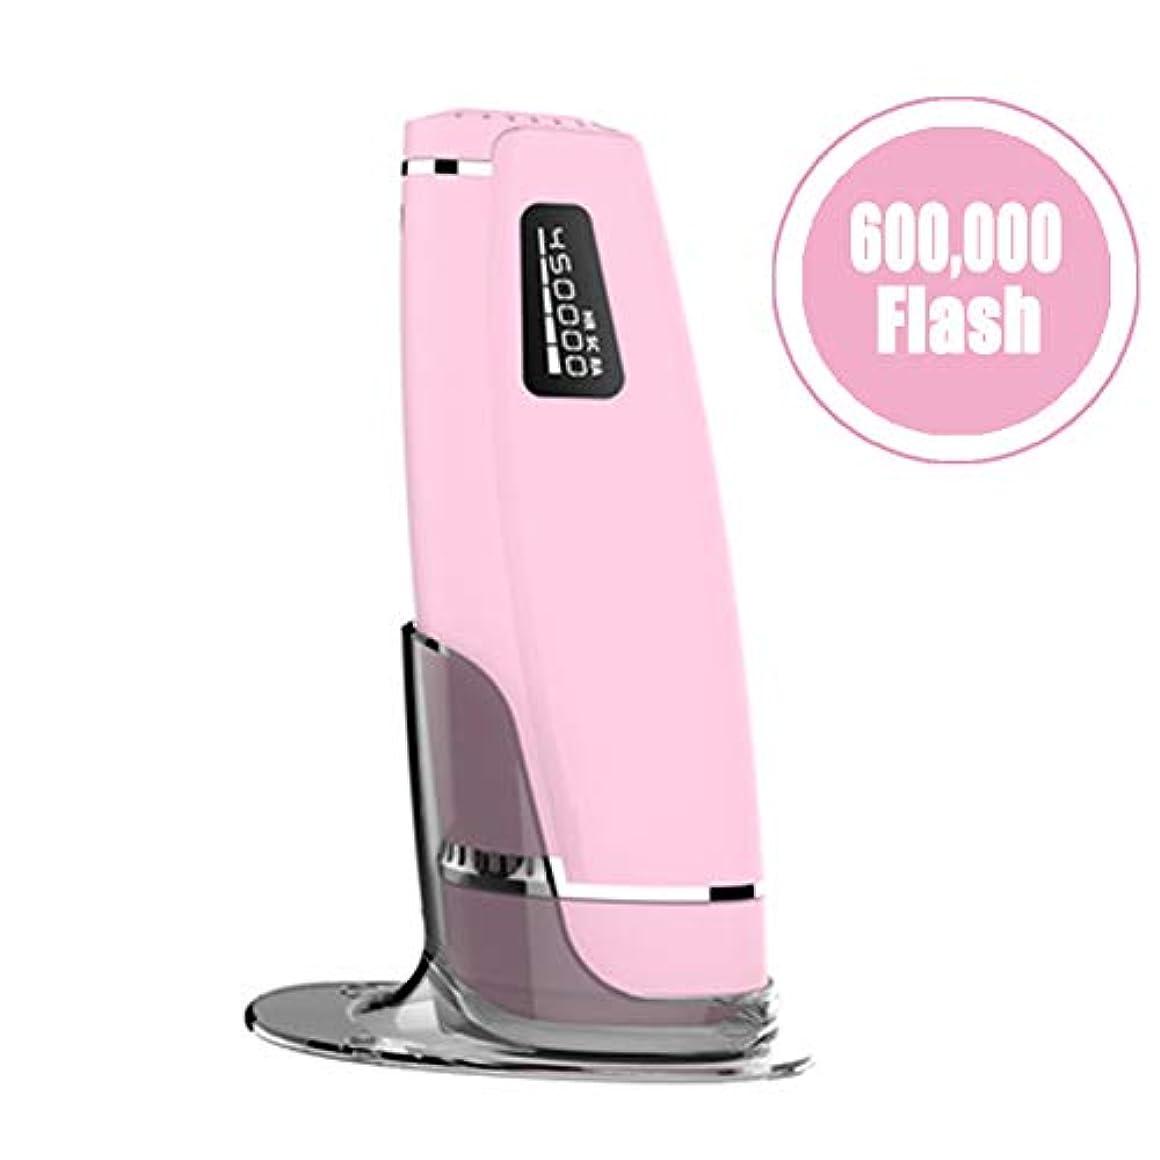 ツーリストシエスタみがきますアップグレードIPLレーザー脱毛システムデバイス、60万回のフラッシュ無痛常設パルス光脱毛器にとってボディフェイス脇の下ビキニライン,Pink